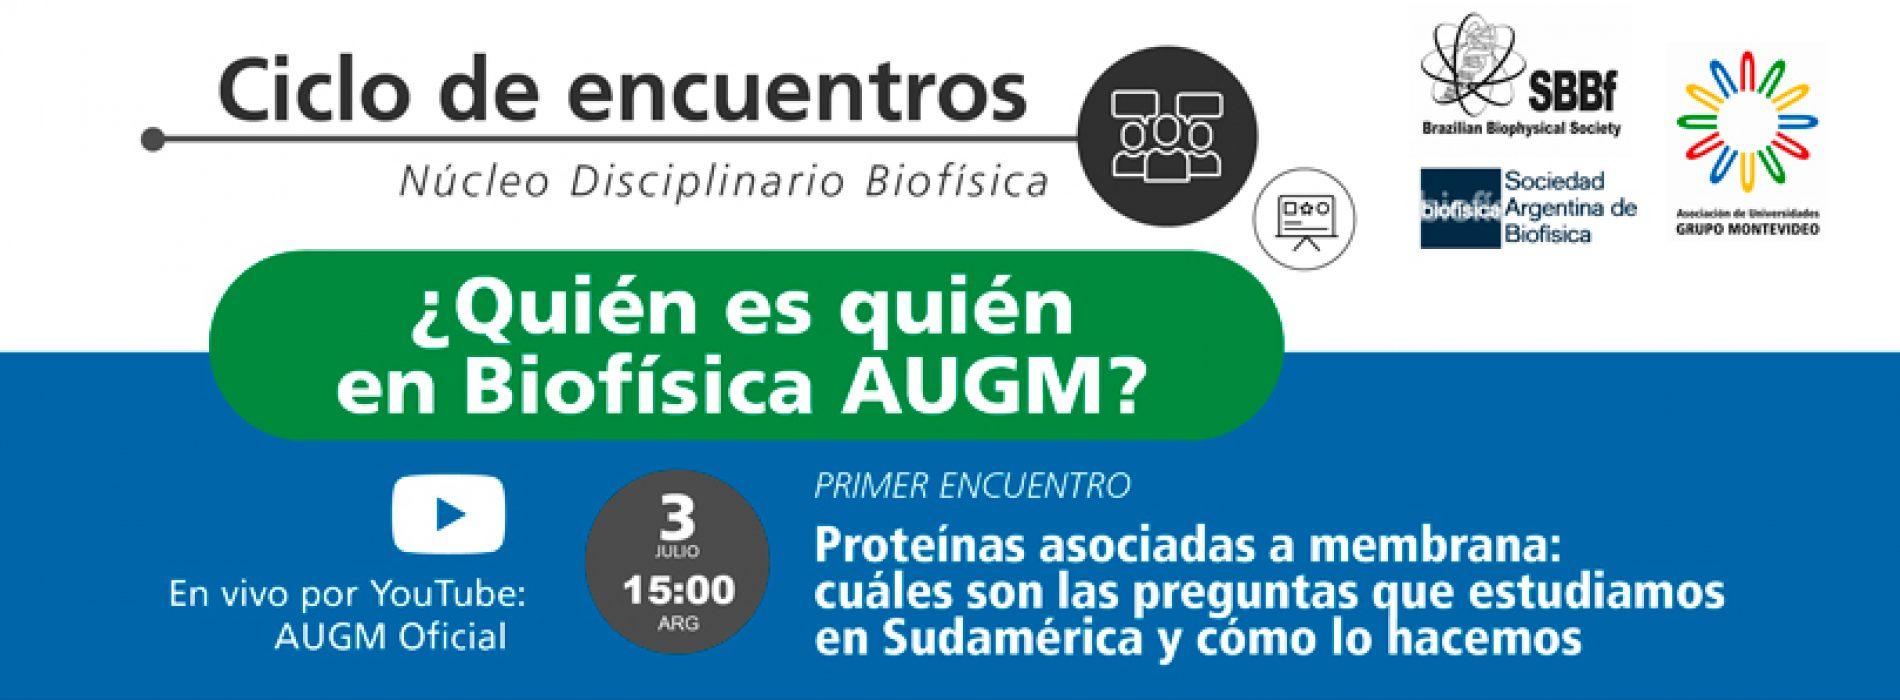 Ciclo de encuentros: ¿Quien es quién en Biofísica AUGM?